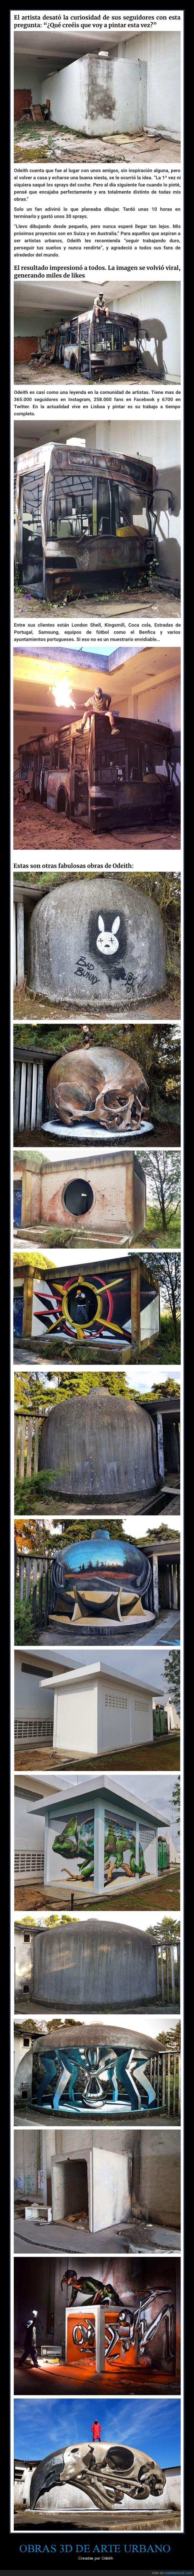 3d,arte urbano,odeith